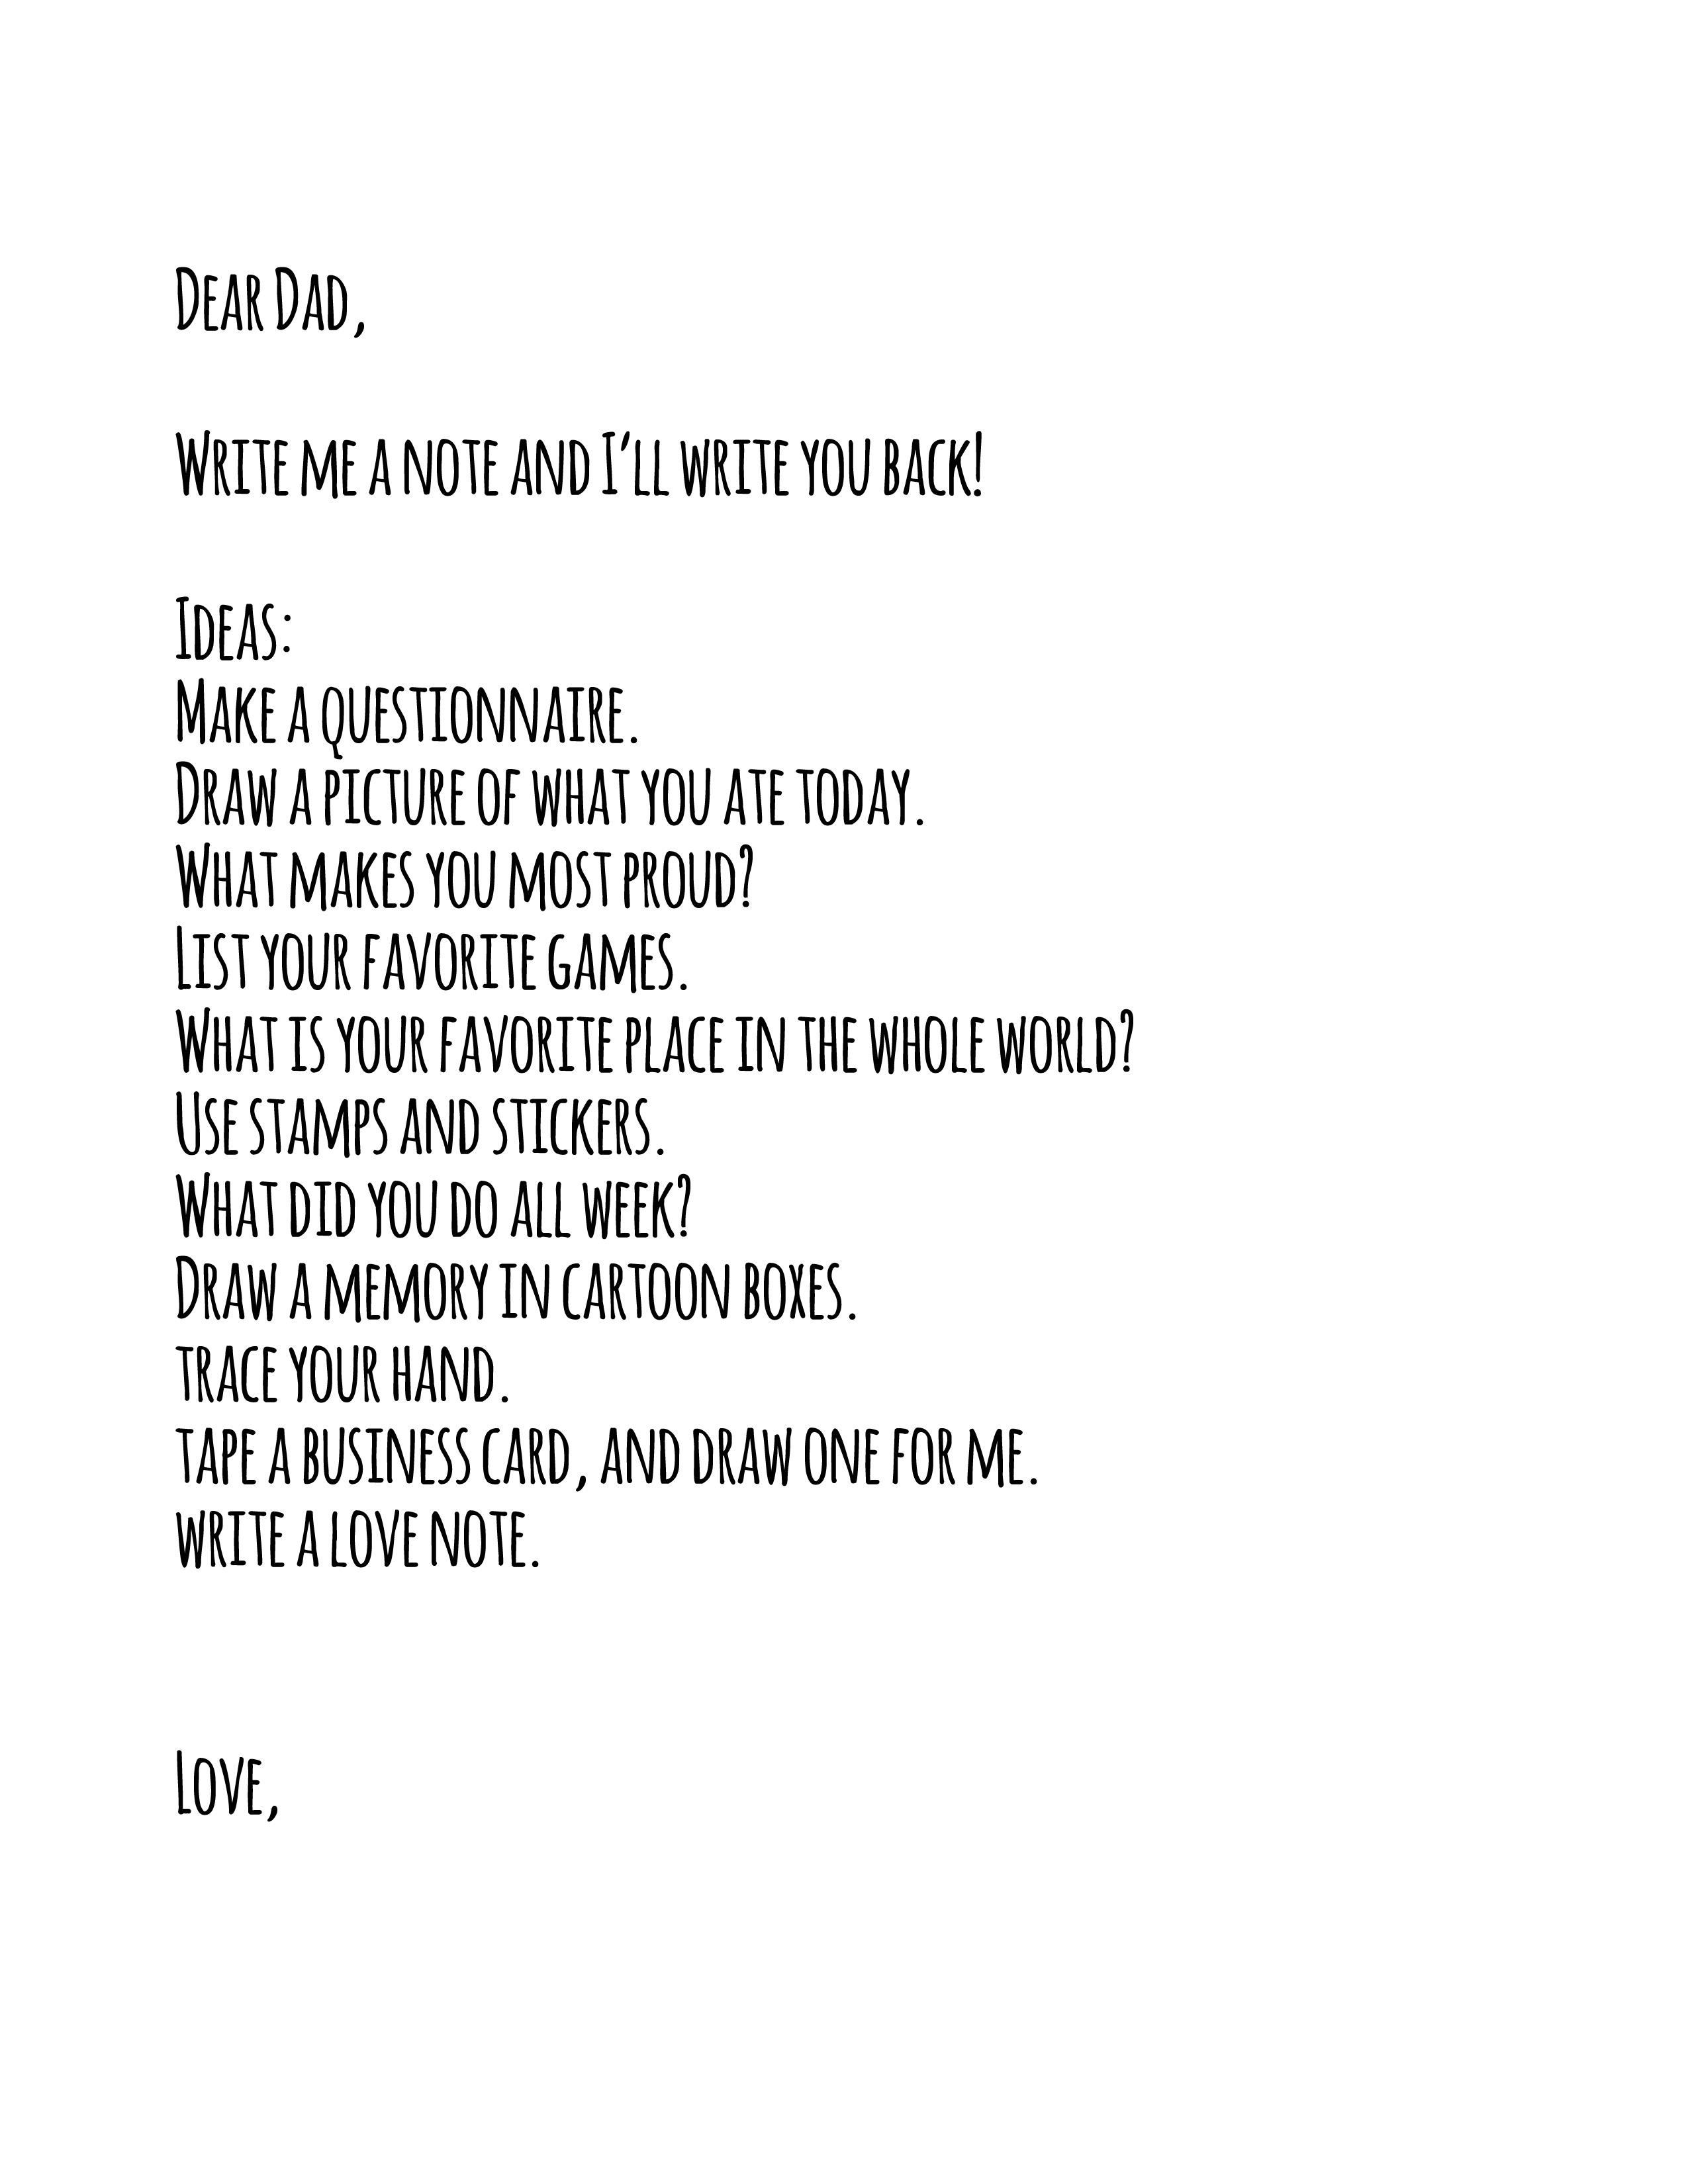 dear dad letter